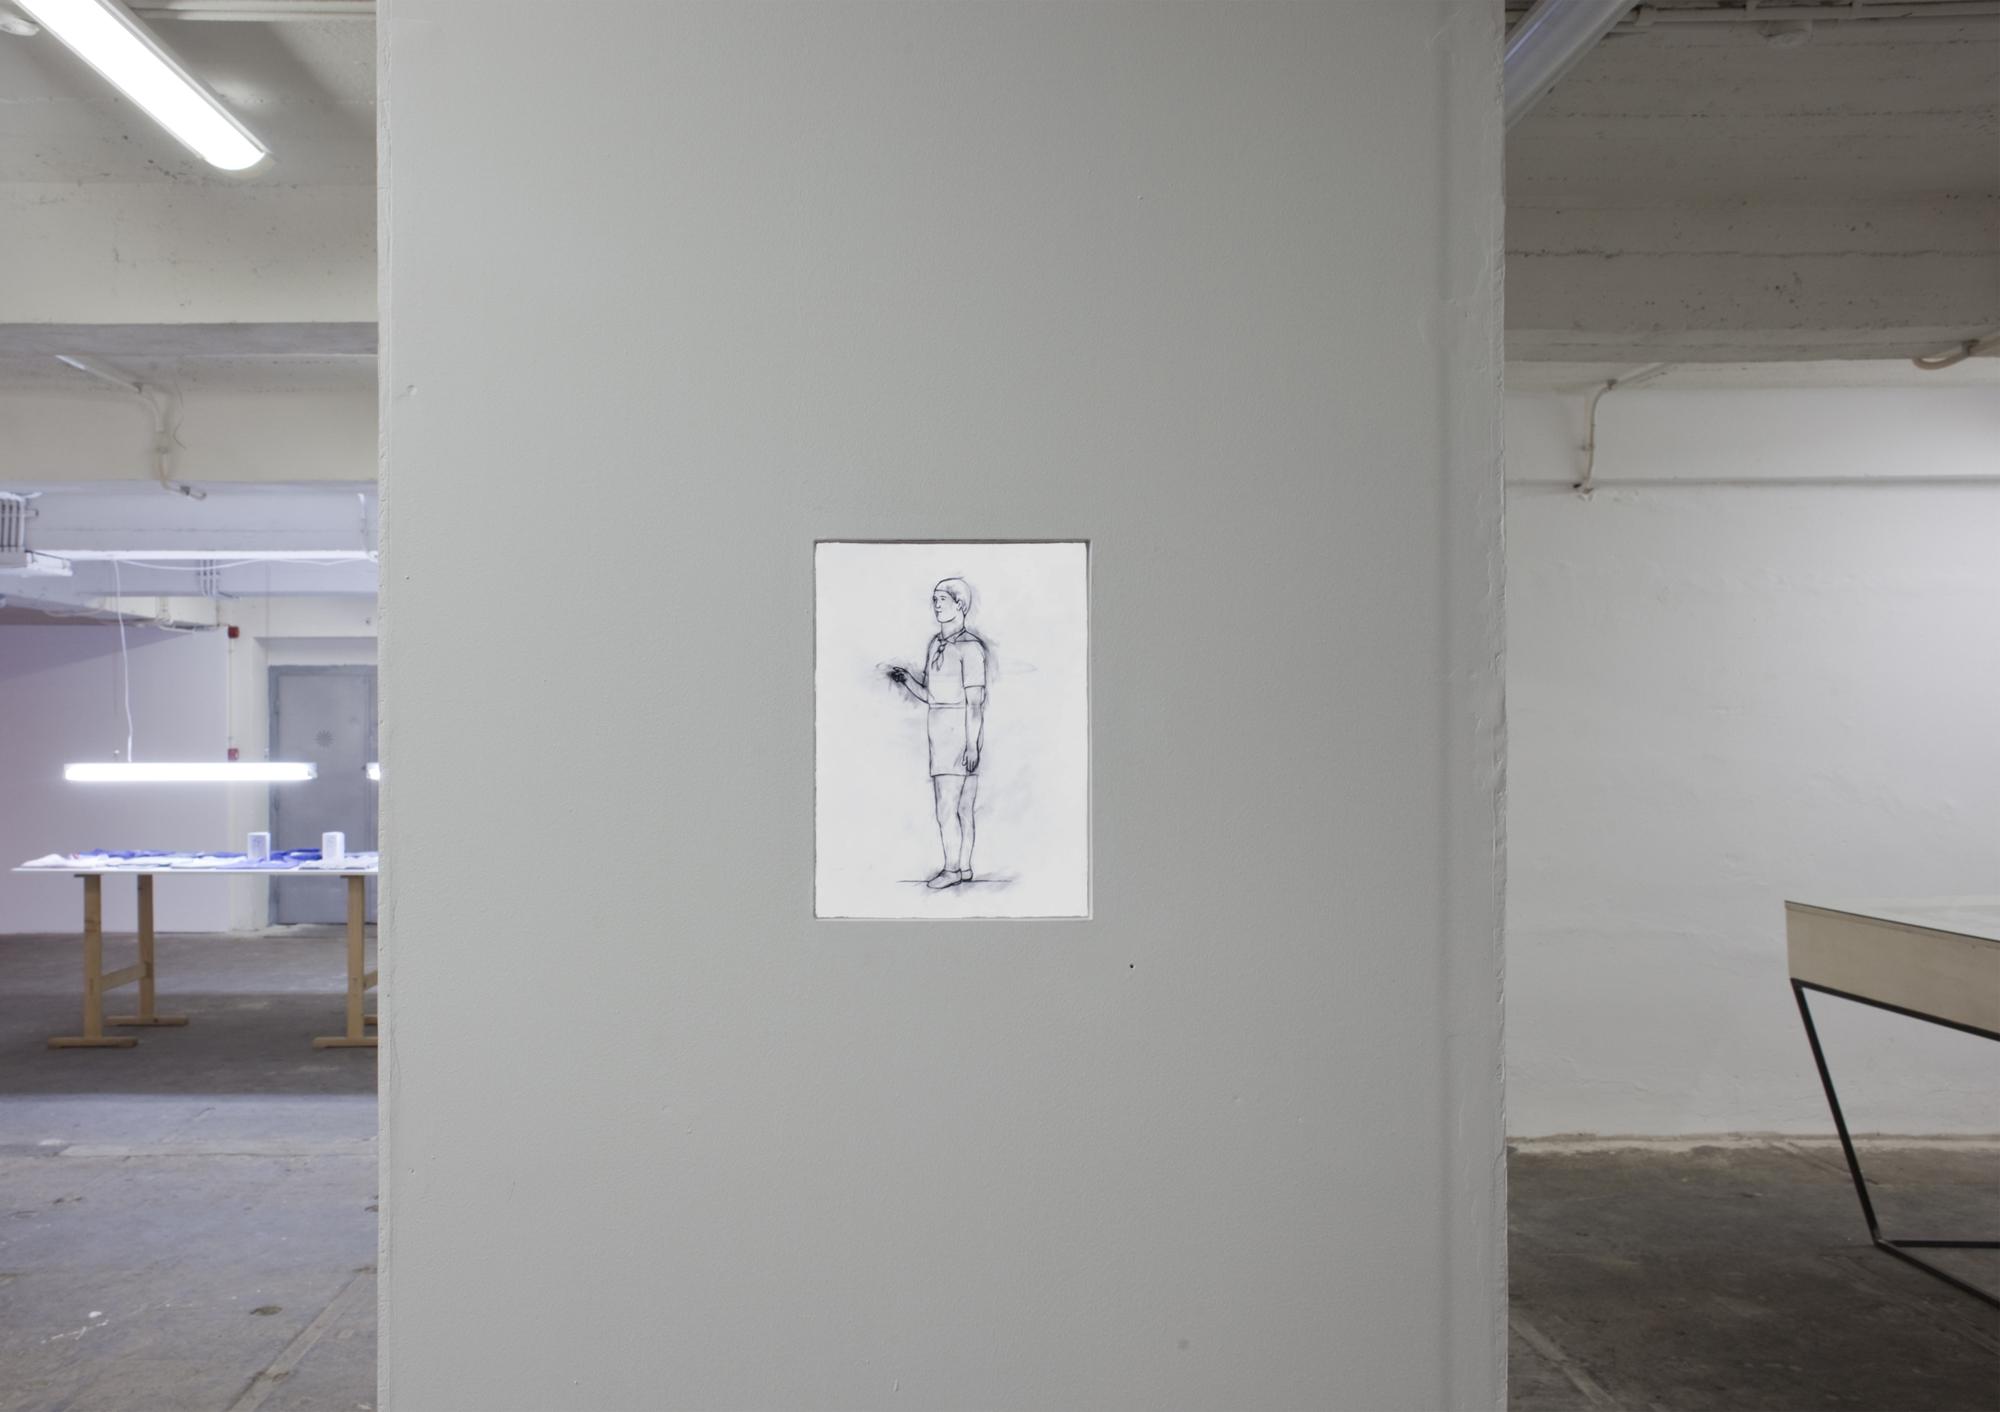 FOUR HUMAN FIGURES (2012) 48 drawings for animation, A4 each, Exhibition view Image copyright: Salonul de Proiecte, Bucharest